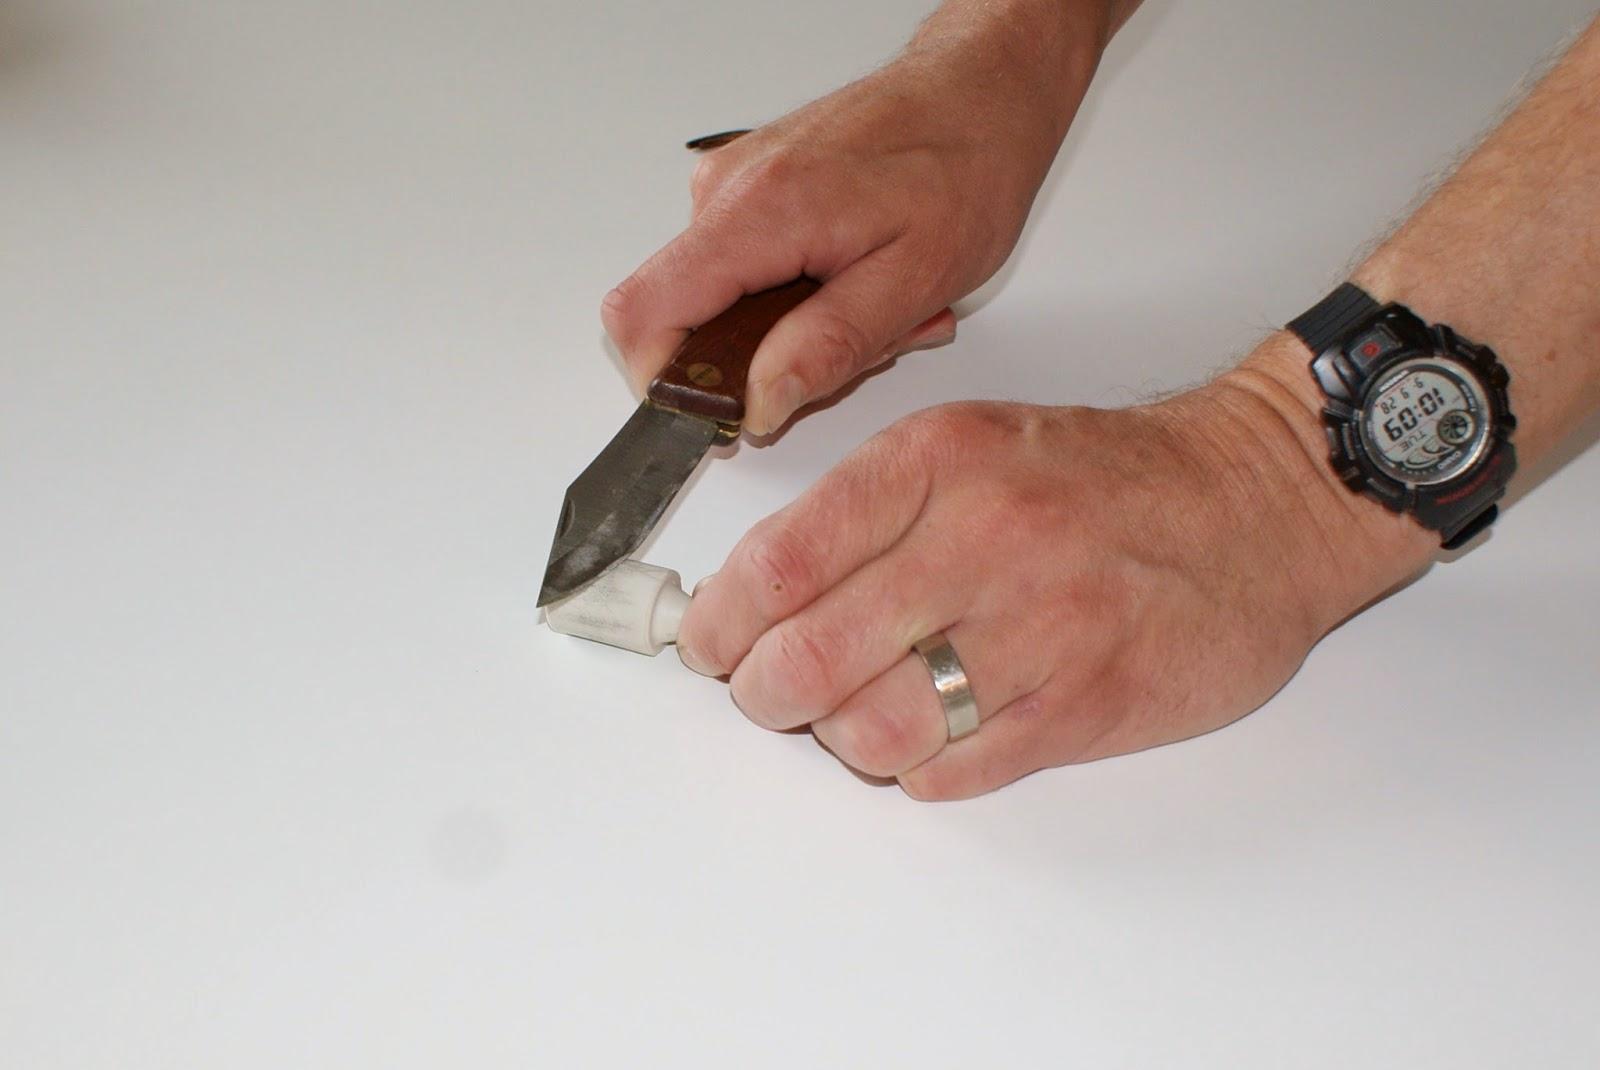 Kniv slipning